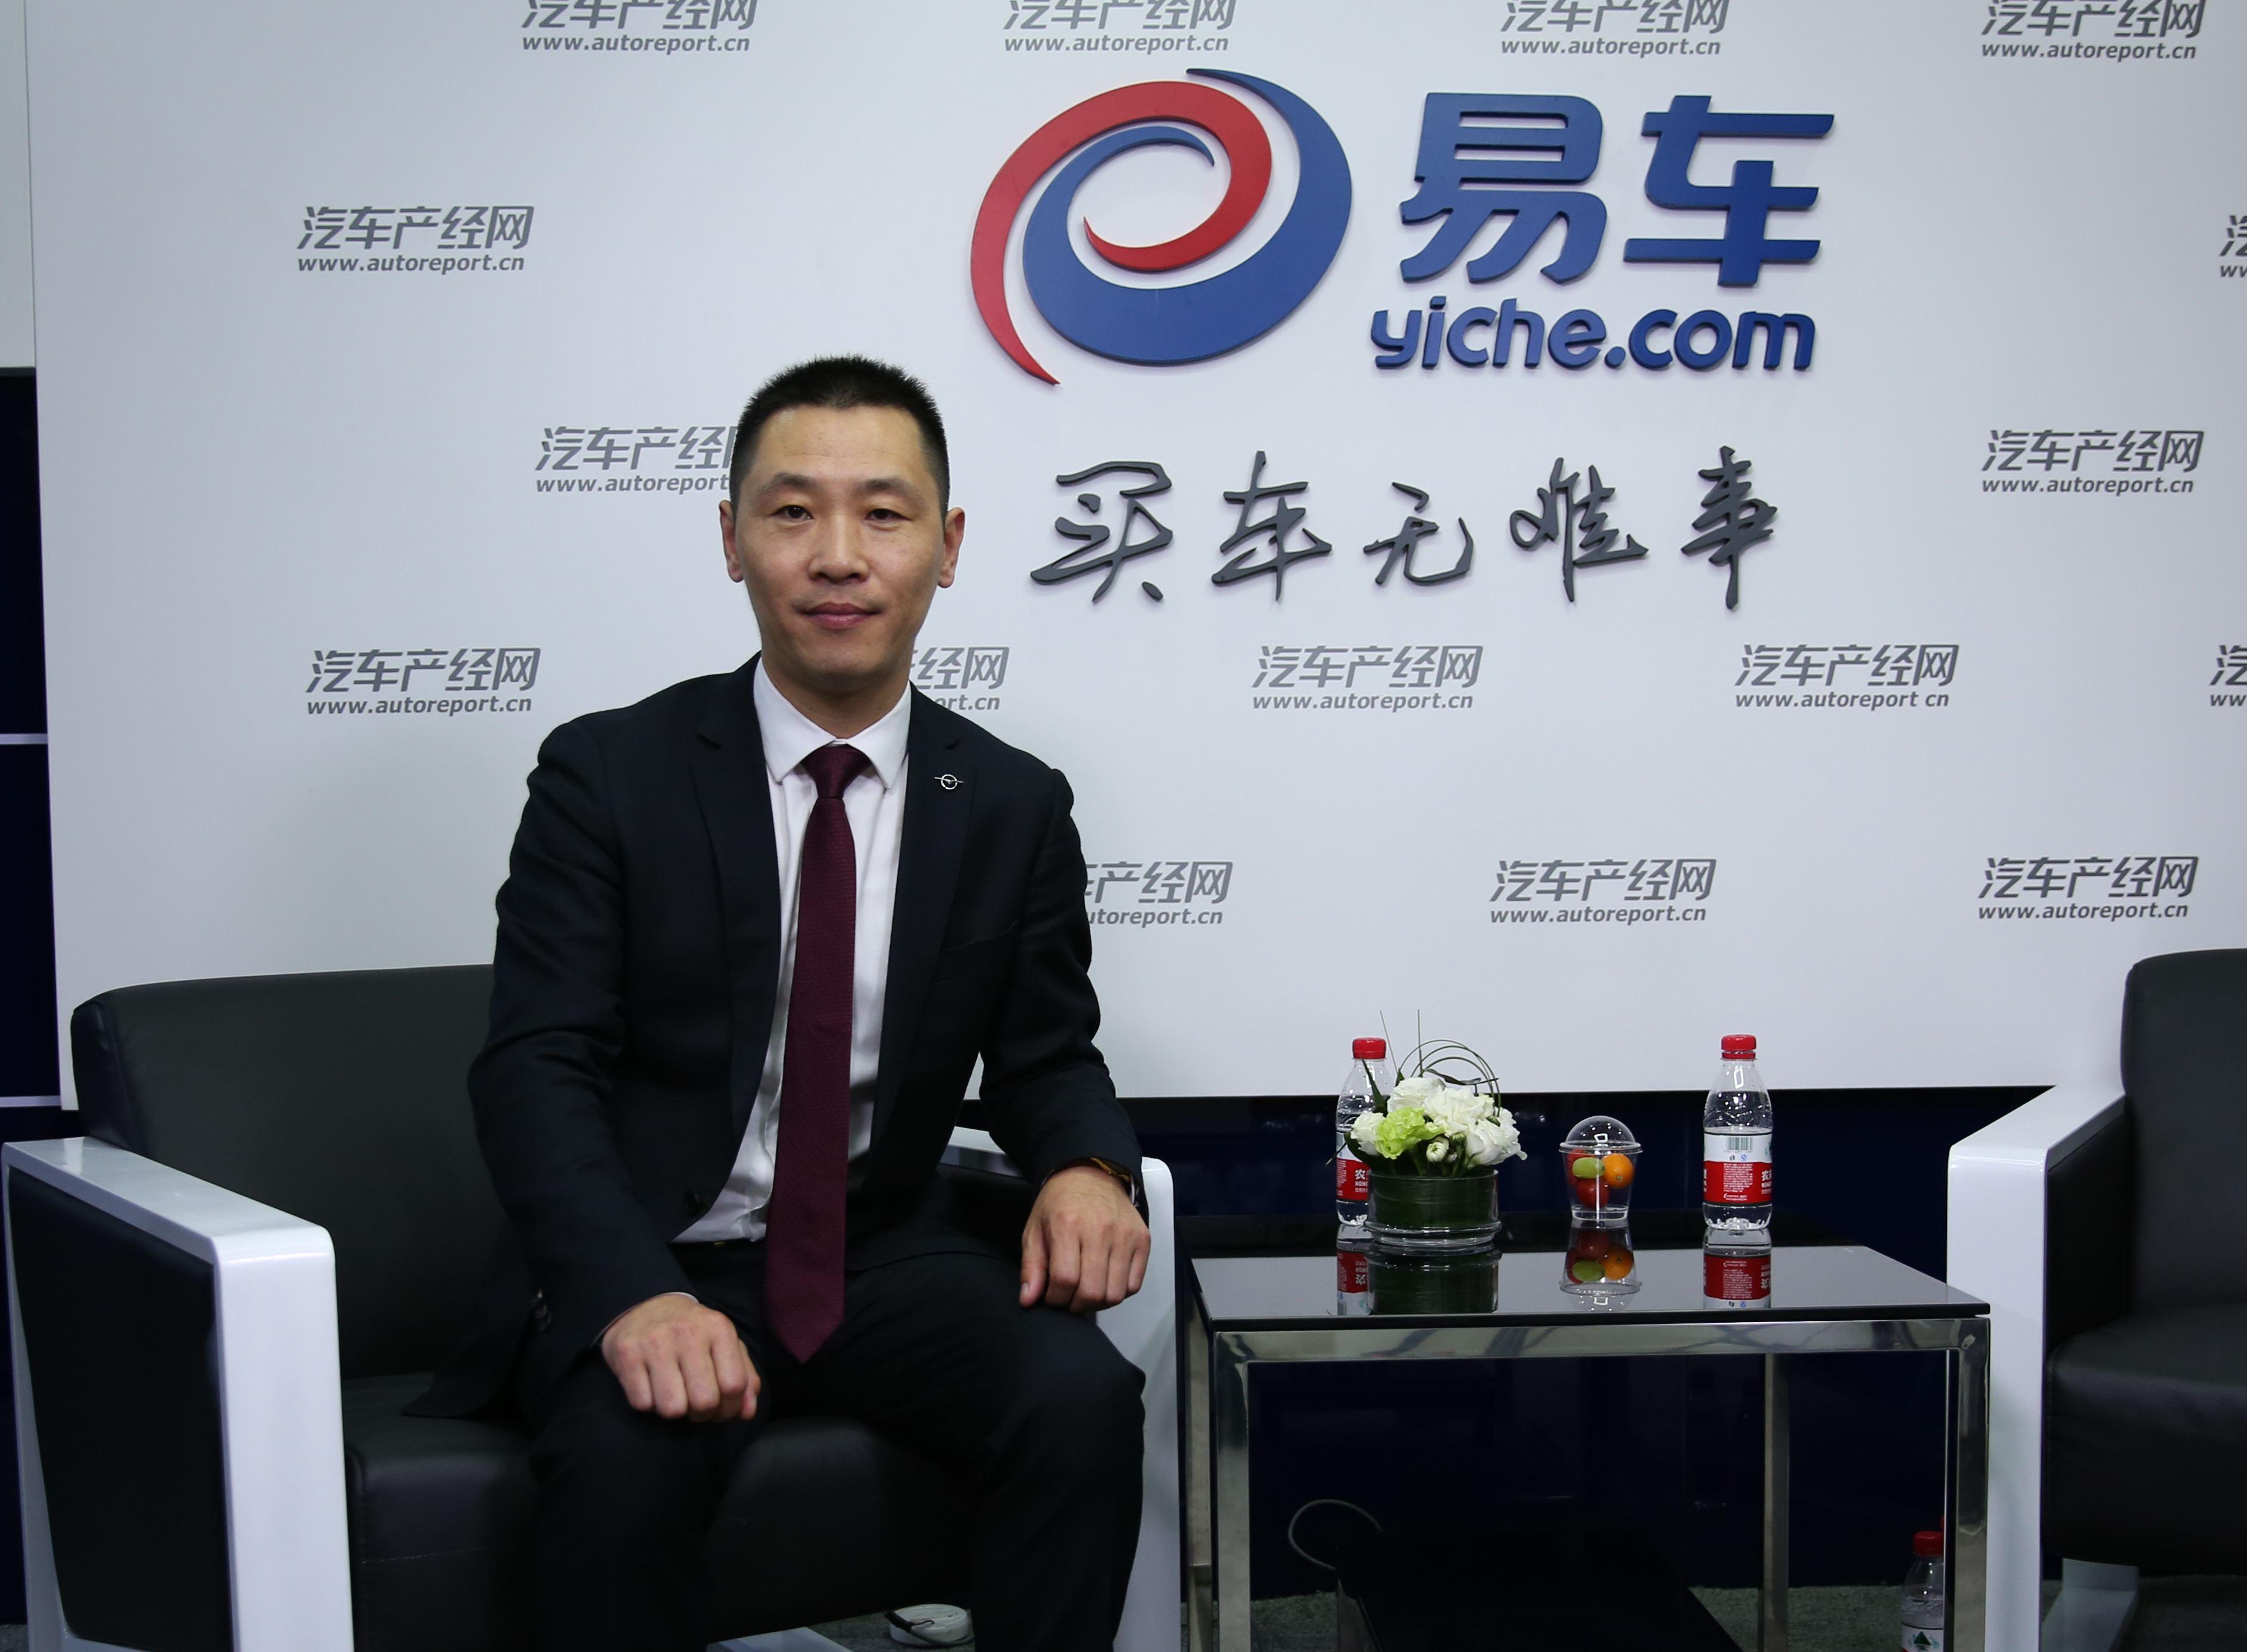 刘海权:2025年海马汽车将淘汰传统燃油汽车